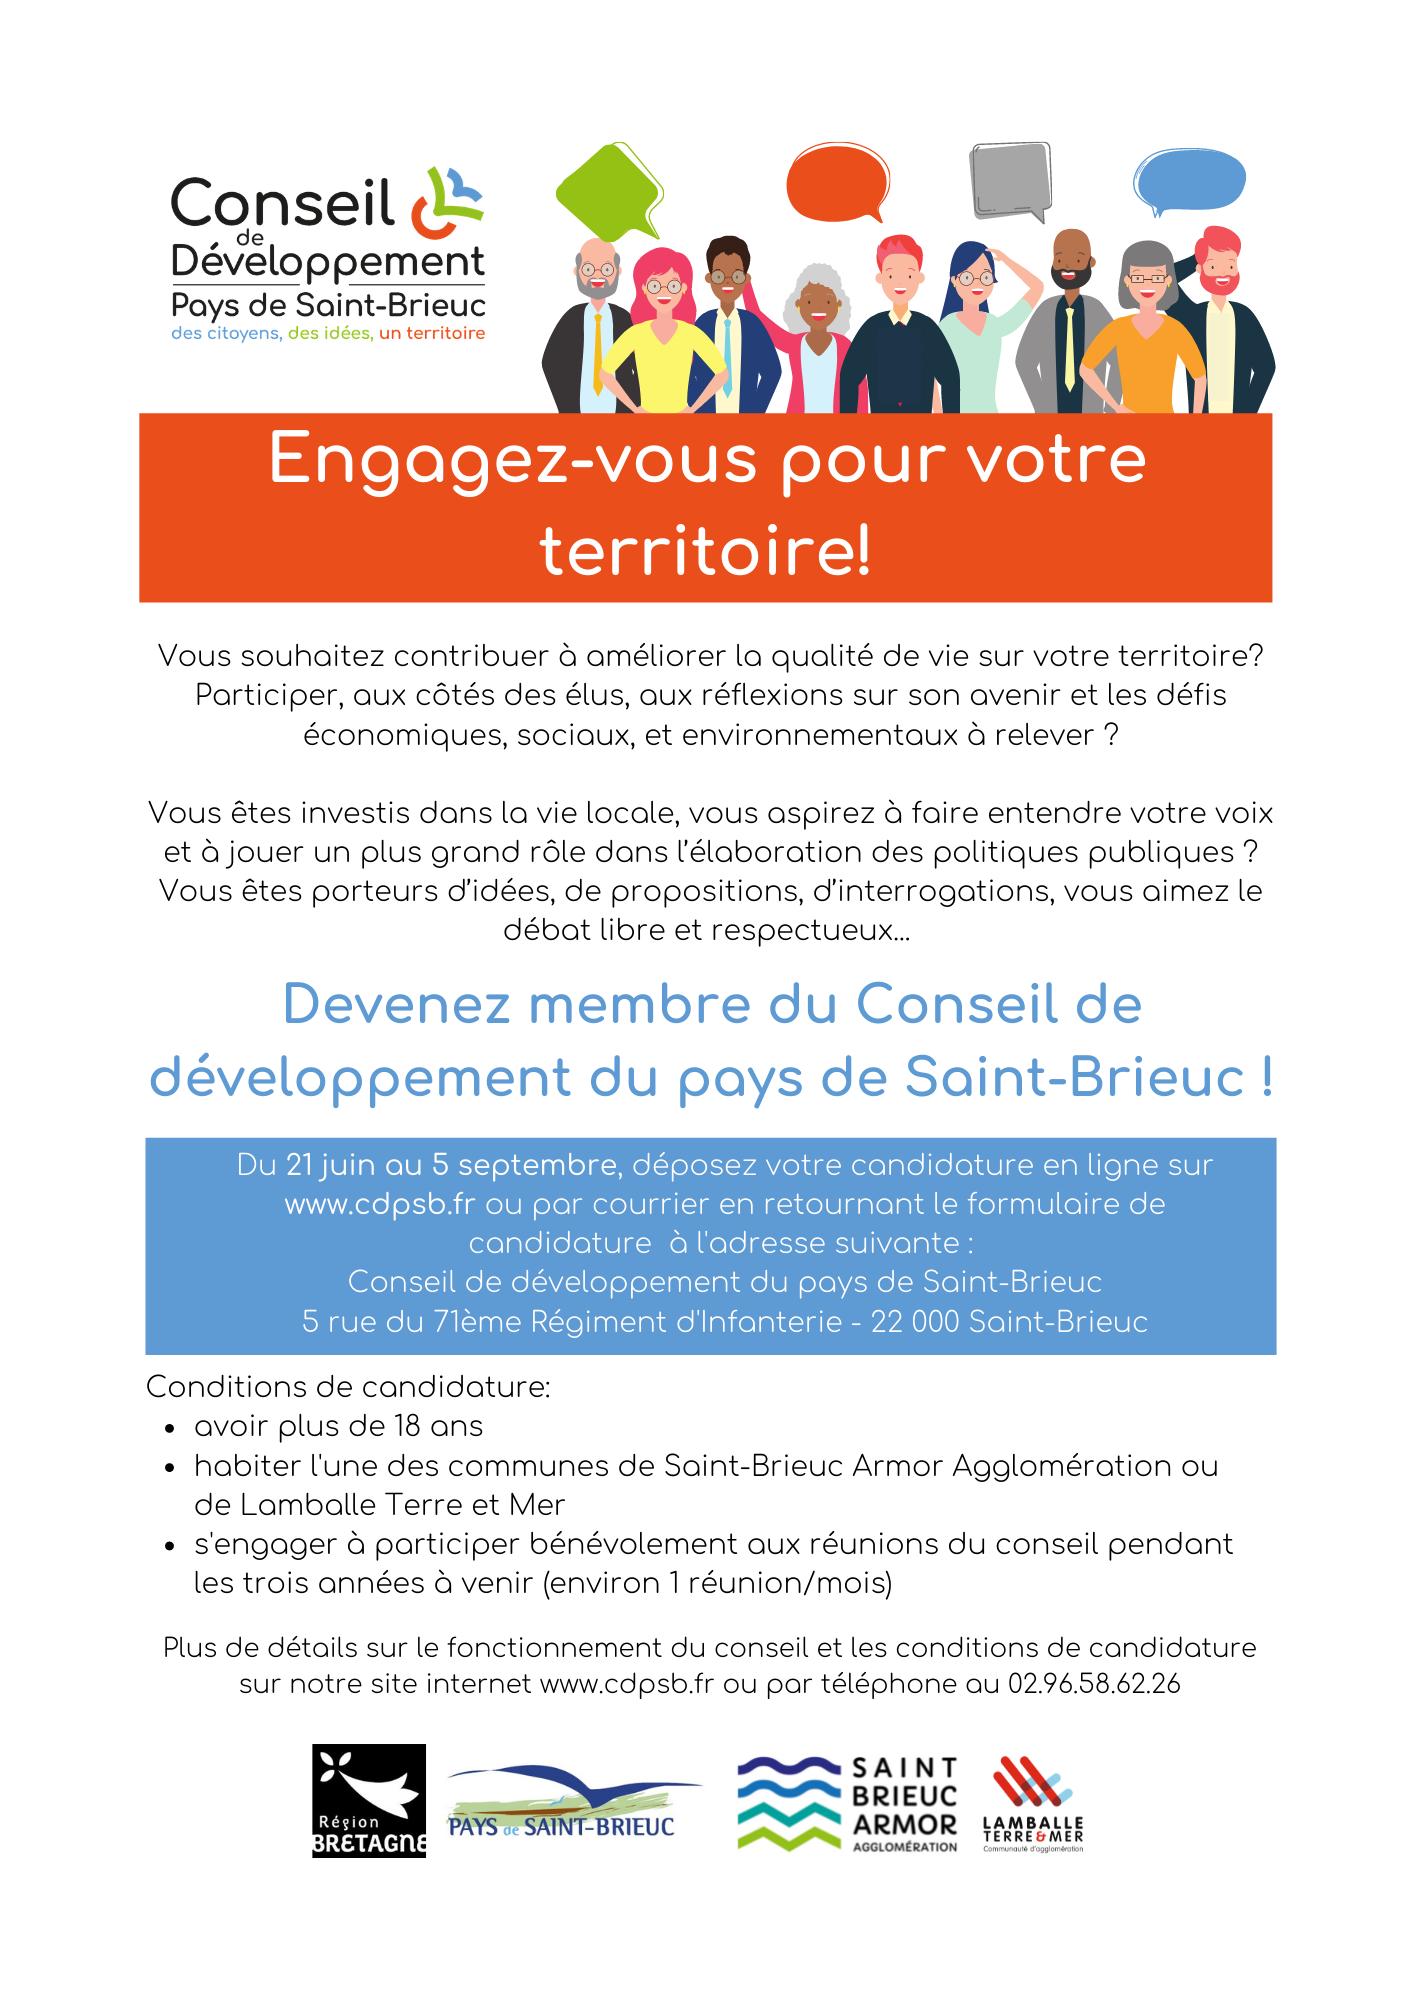 Engagez-vous pour votre territoire et devenez membre du Conseil de développement du Pays de Saint-Brieuc